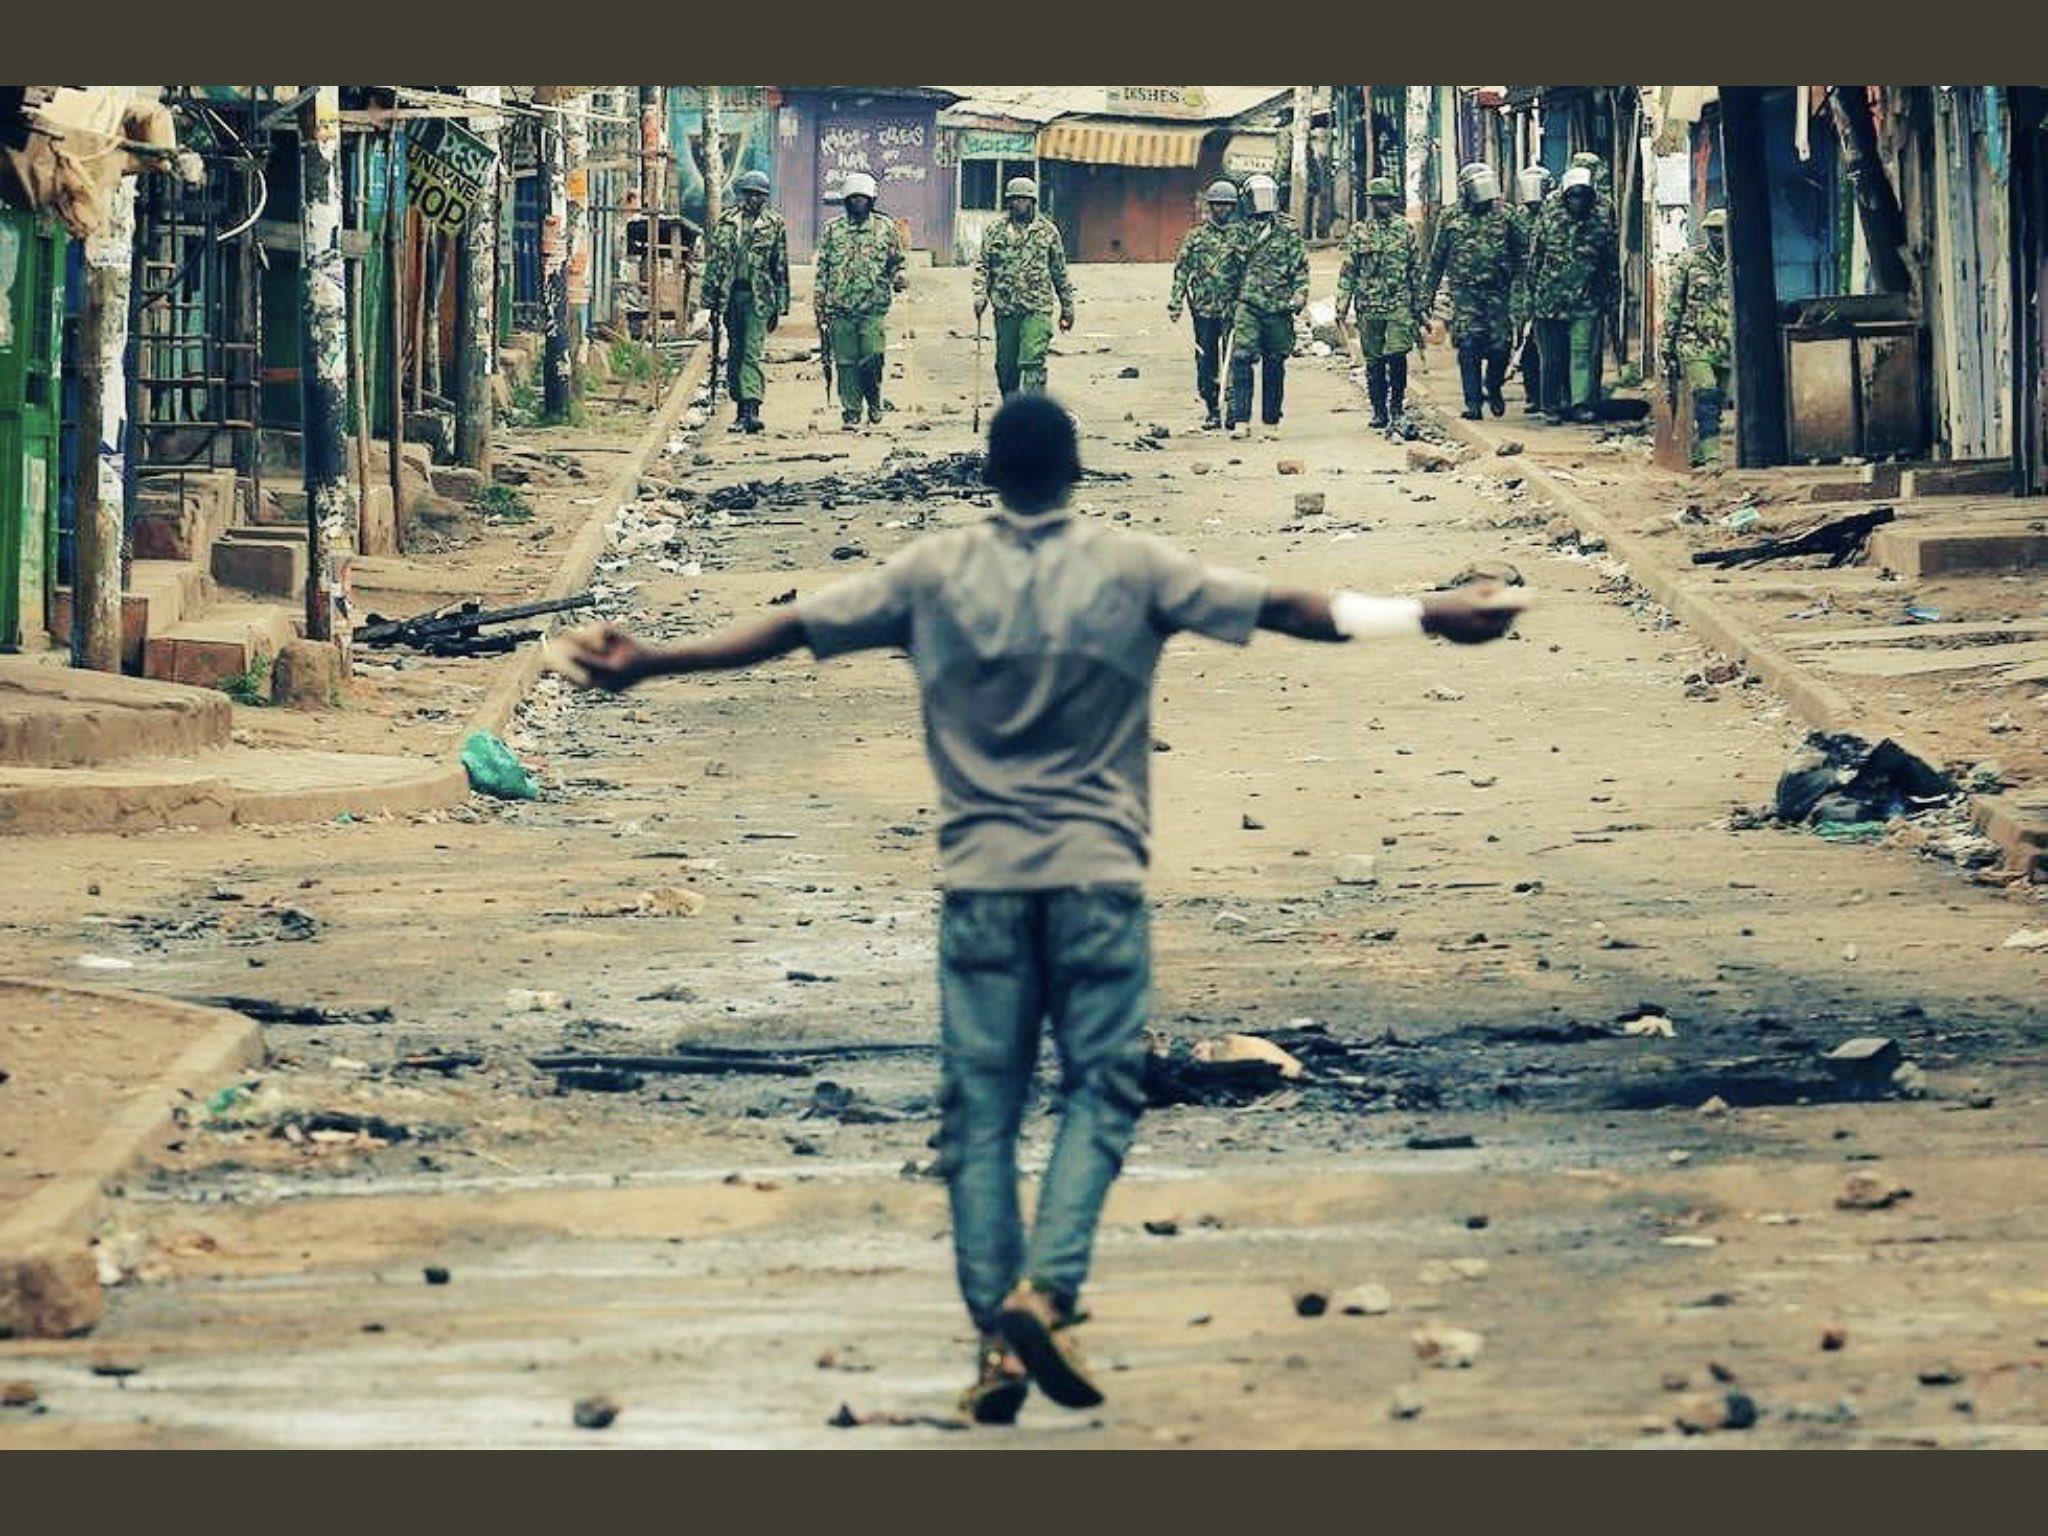 #June12protest : Shameful moments police arrest Protesters (video)